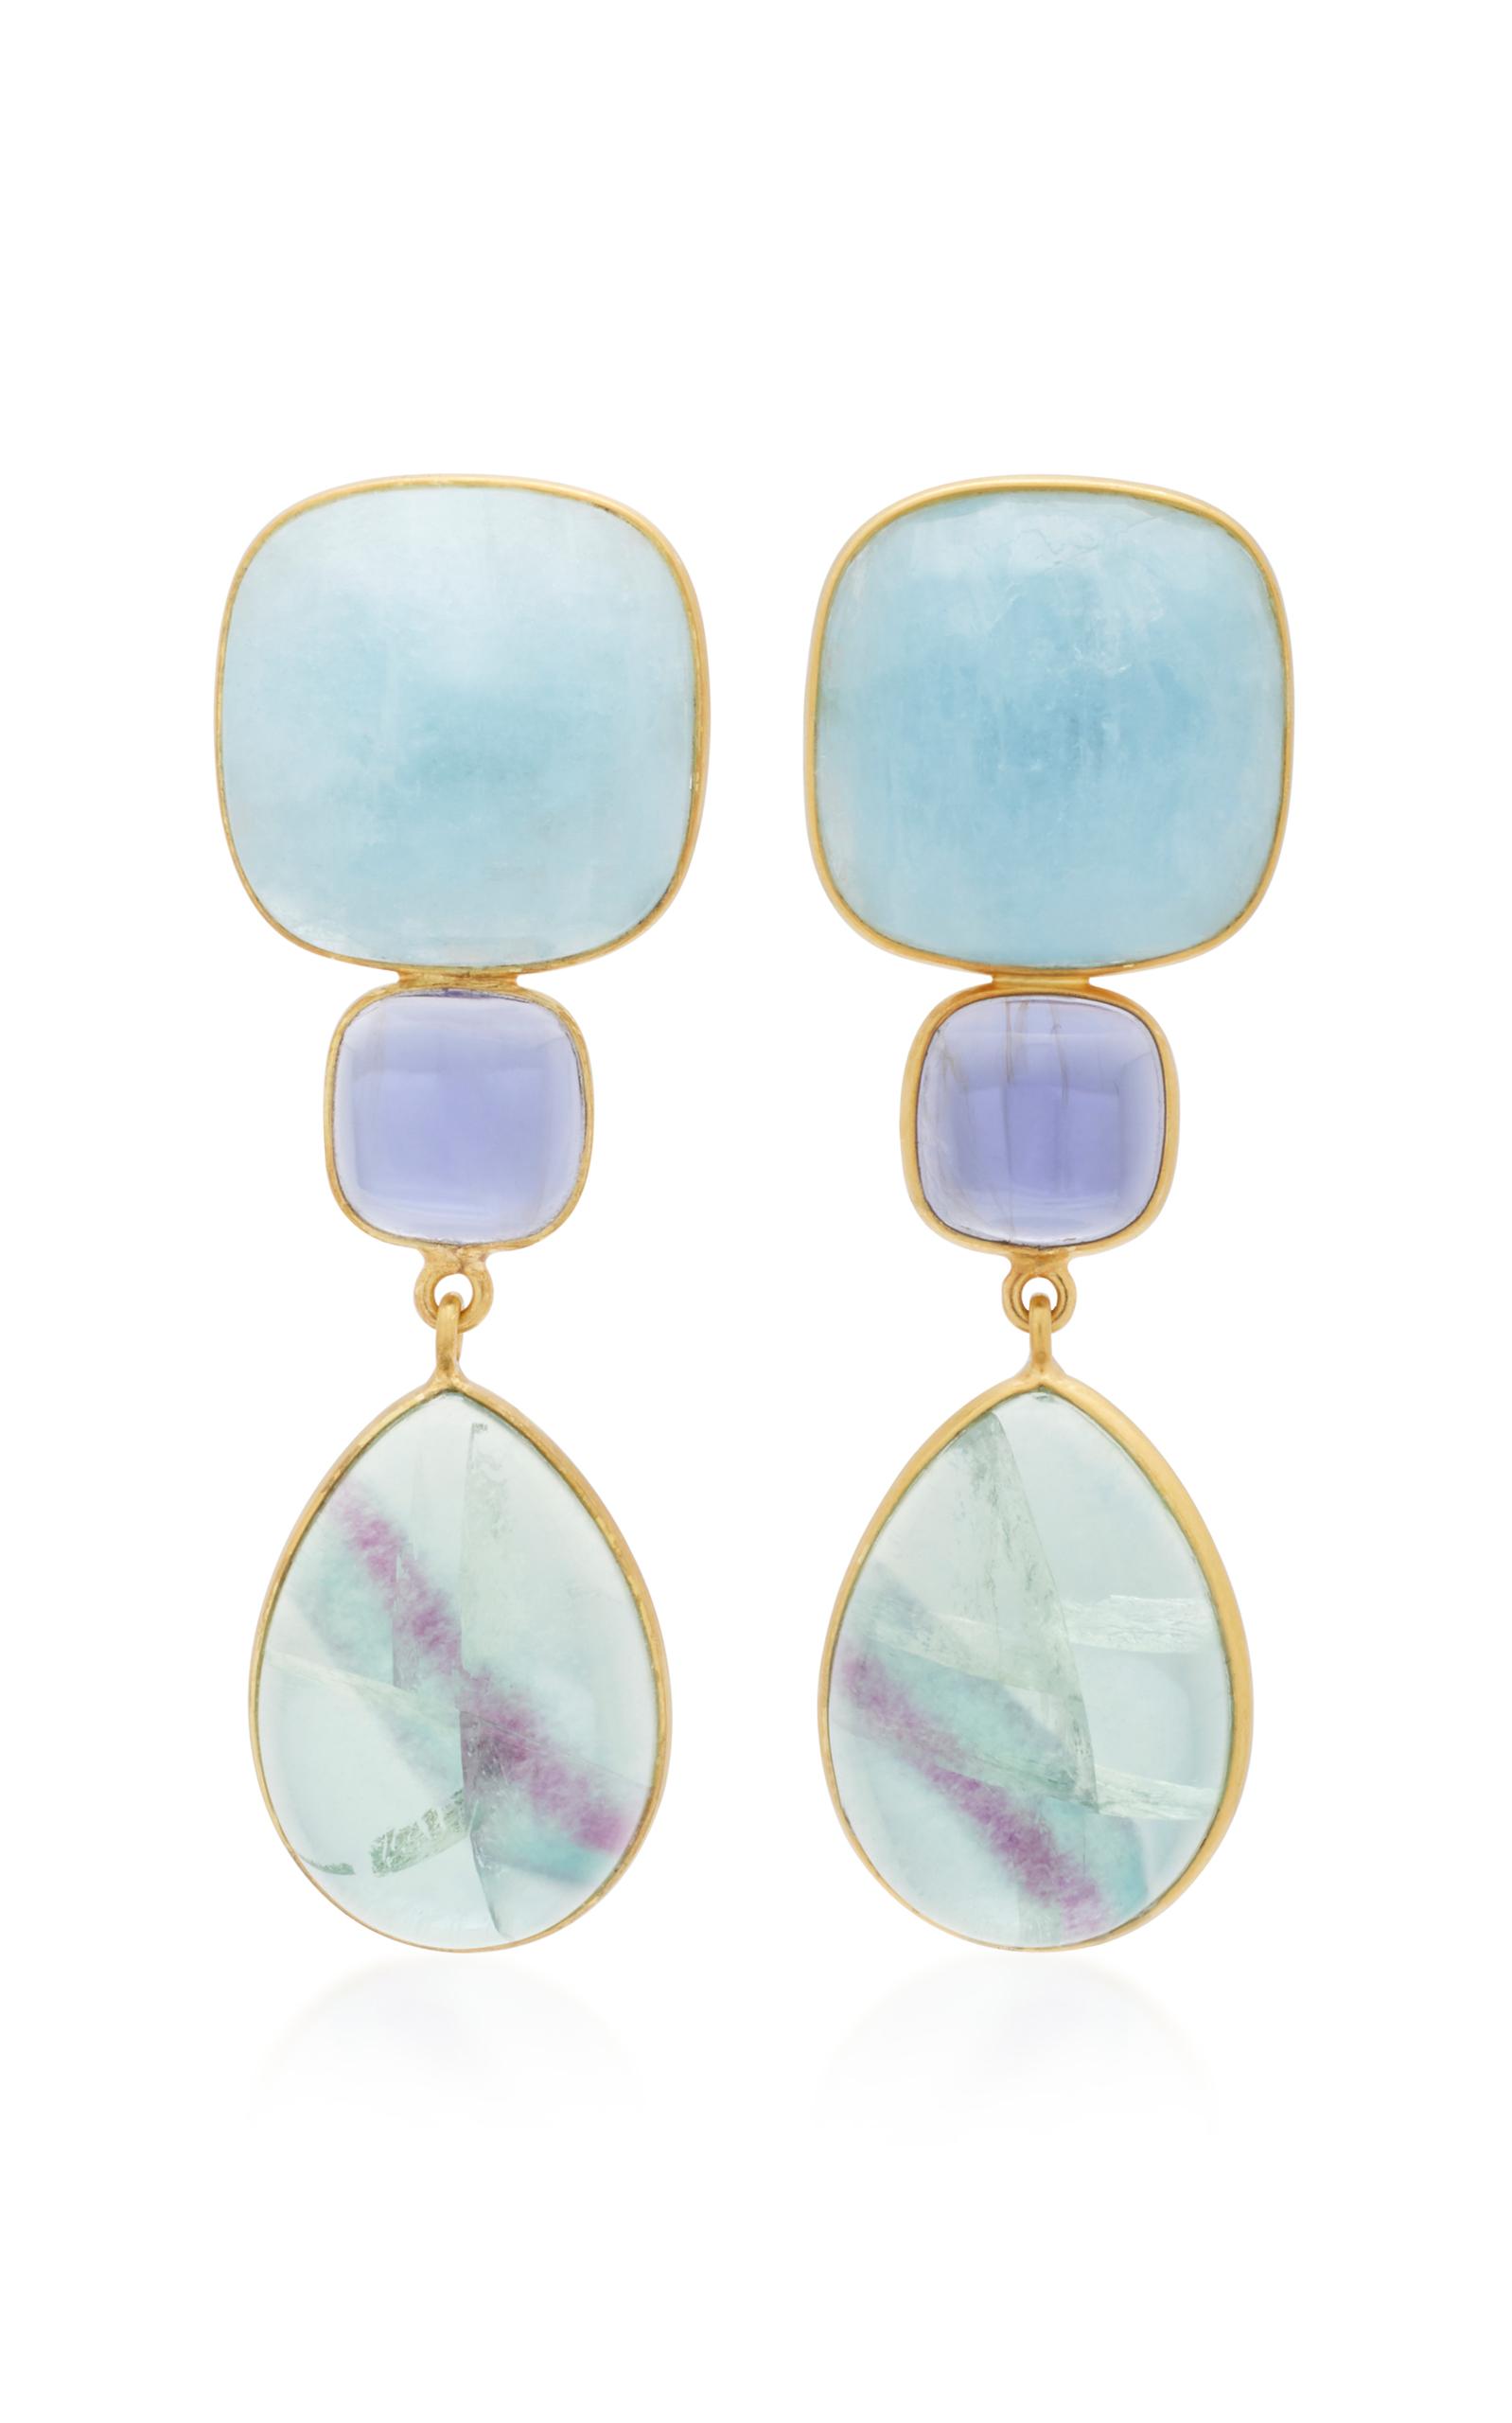 Women's 18K Gold; Lolith and Fluorite Earrings